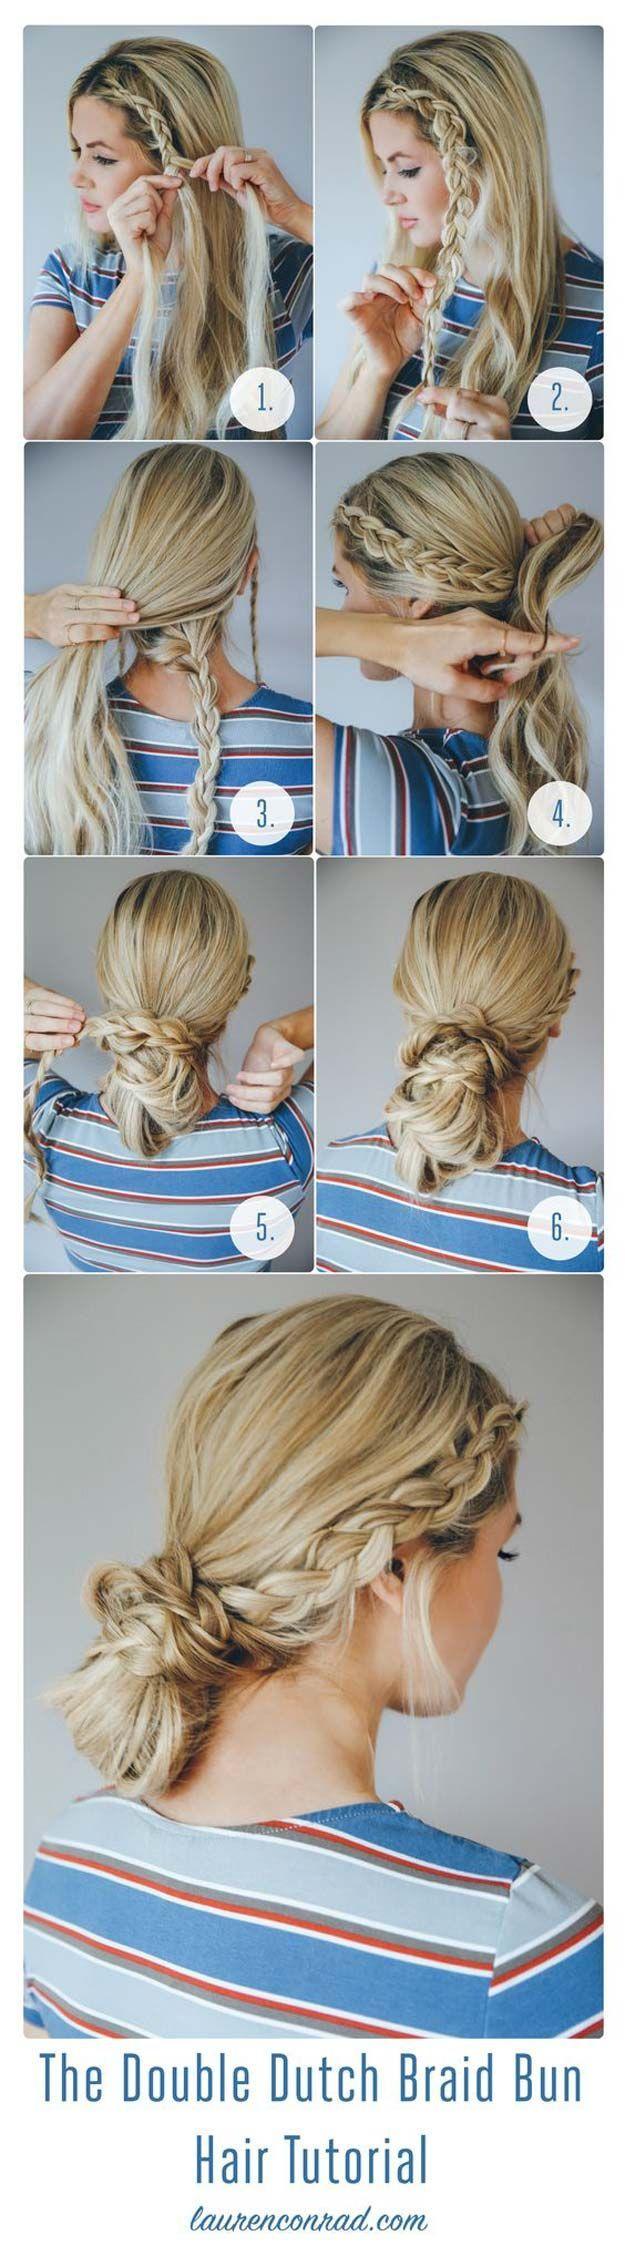 Festival hair tutorials the double dutch braid bun short quick